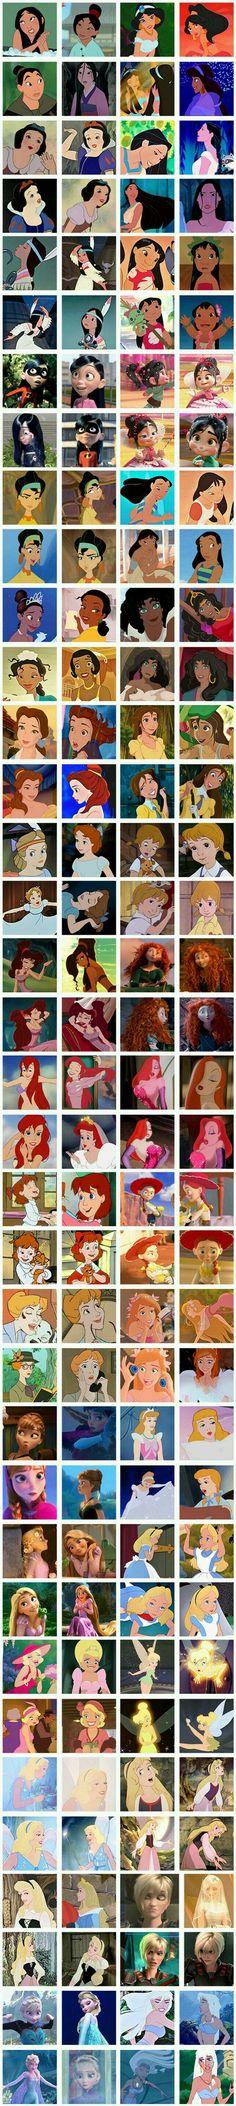 Personagens femininas da Disney